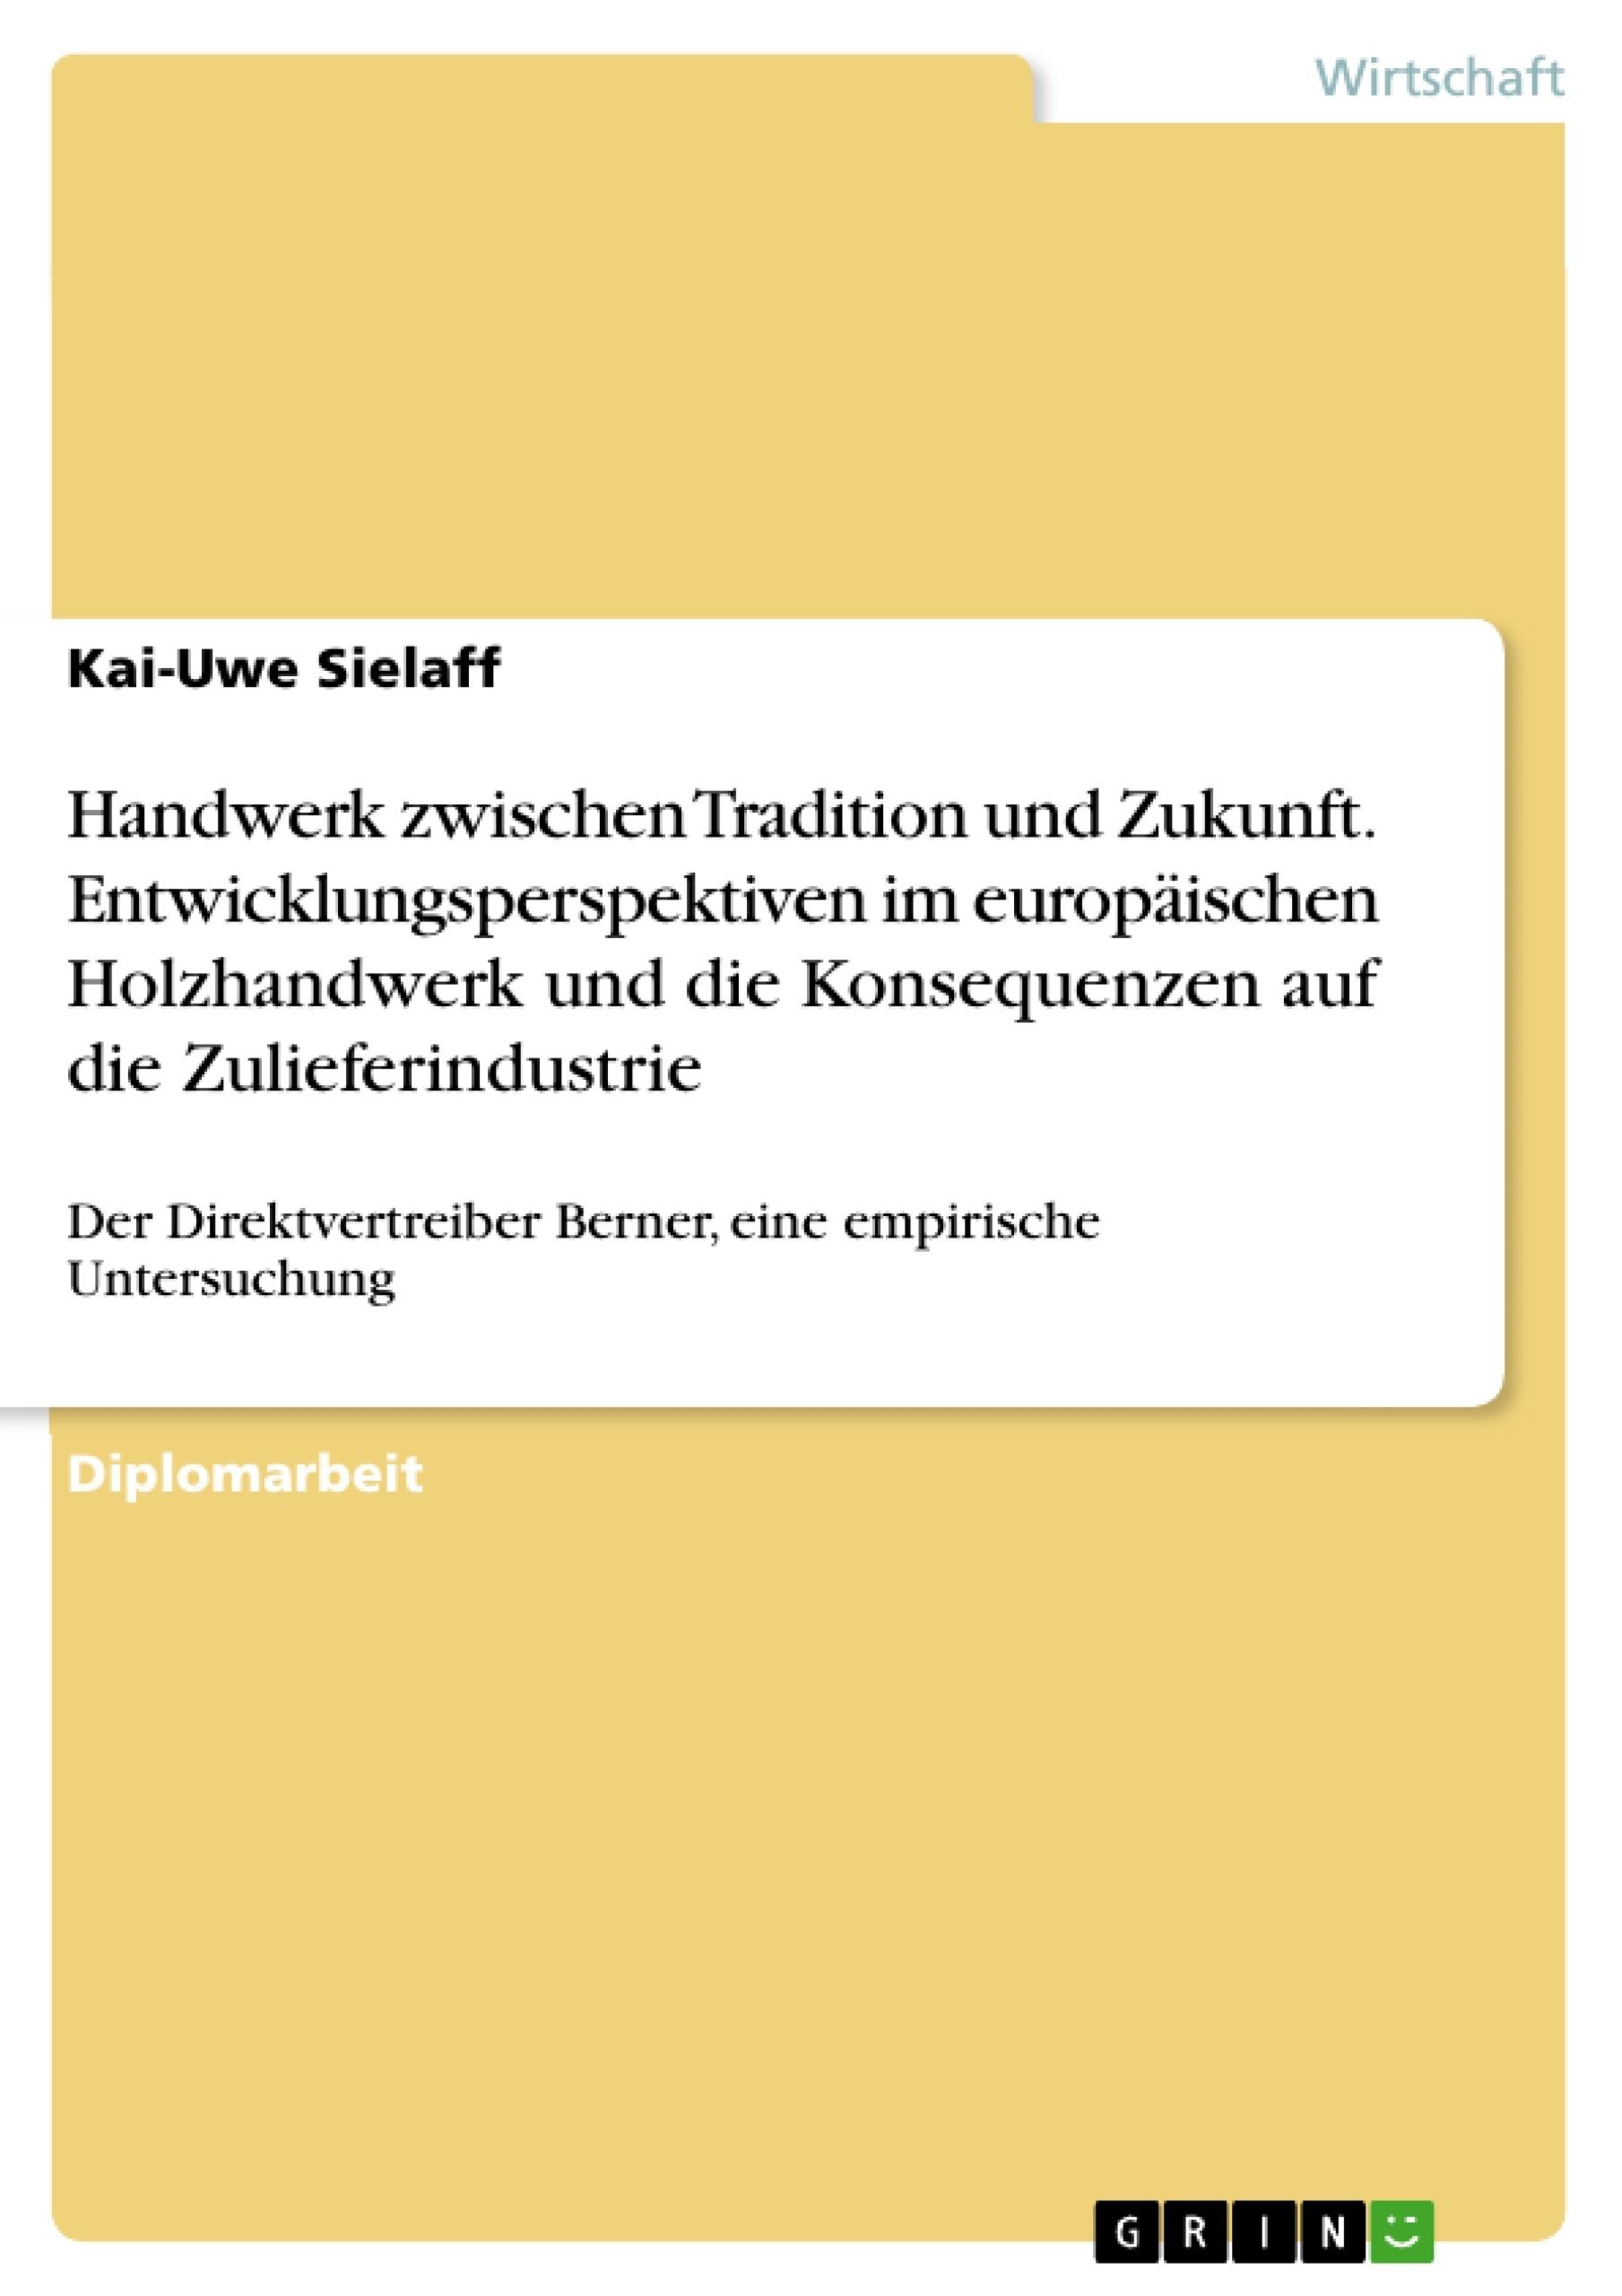 Titel: Handwerk zwischen Tradition und Zukunft. Entwicklungsperspektiven im europäischen Holzhandwerk und die Konsequenzen auf die Zulieferindustrie